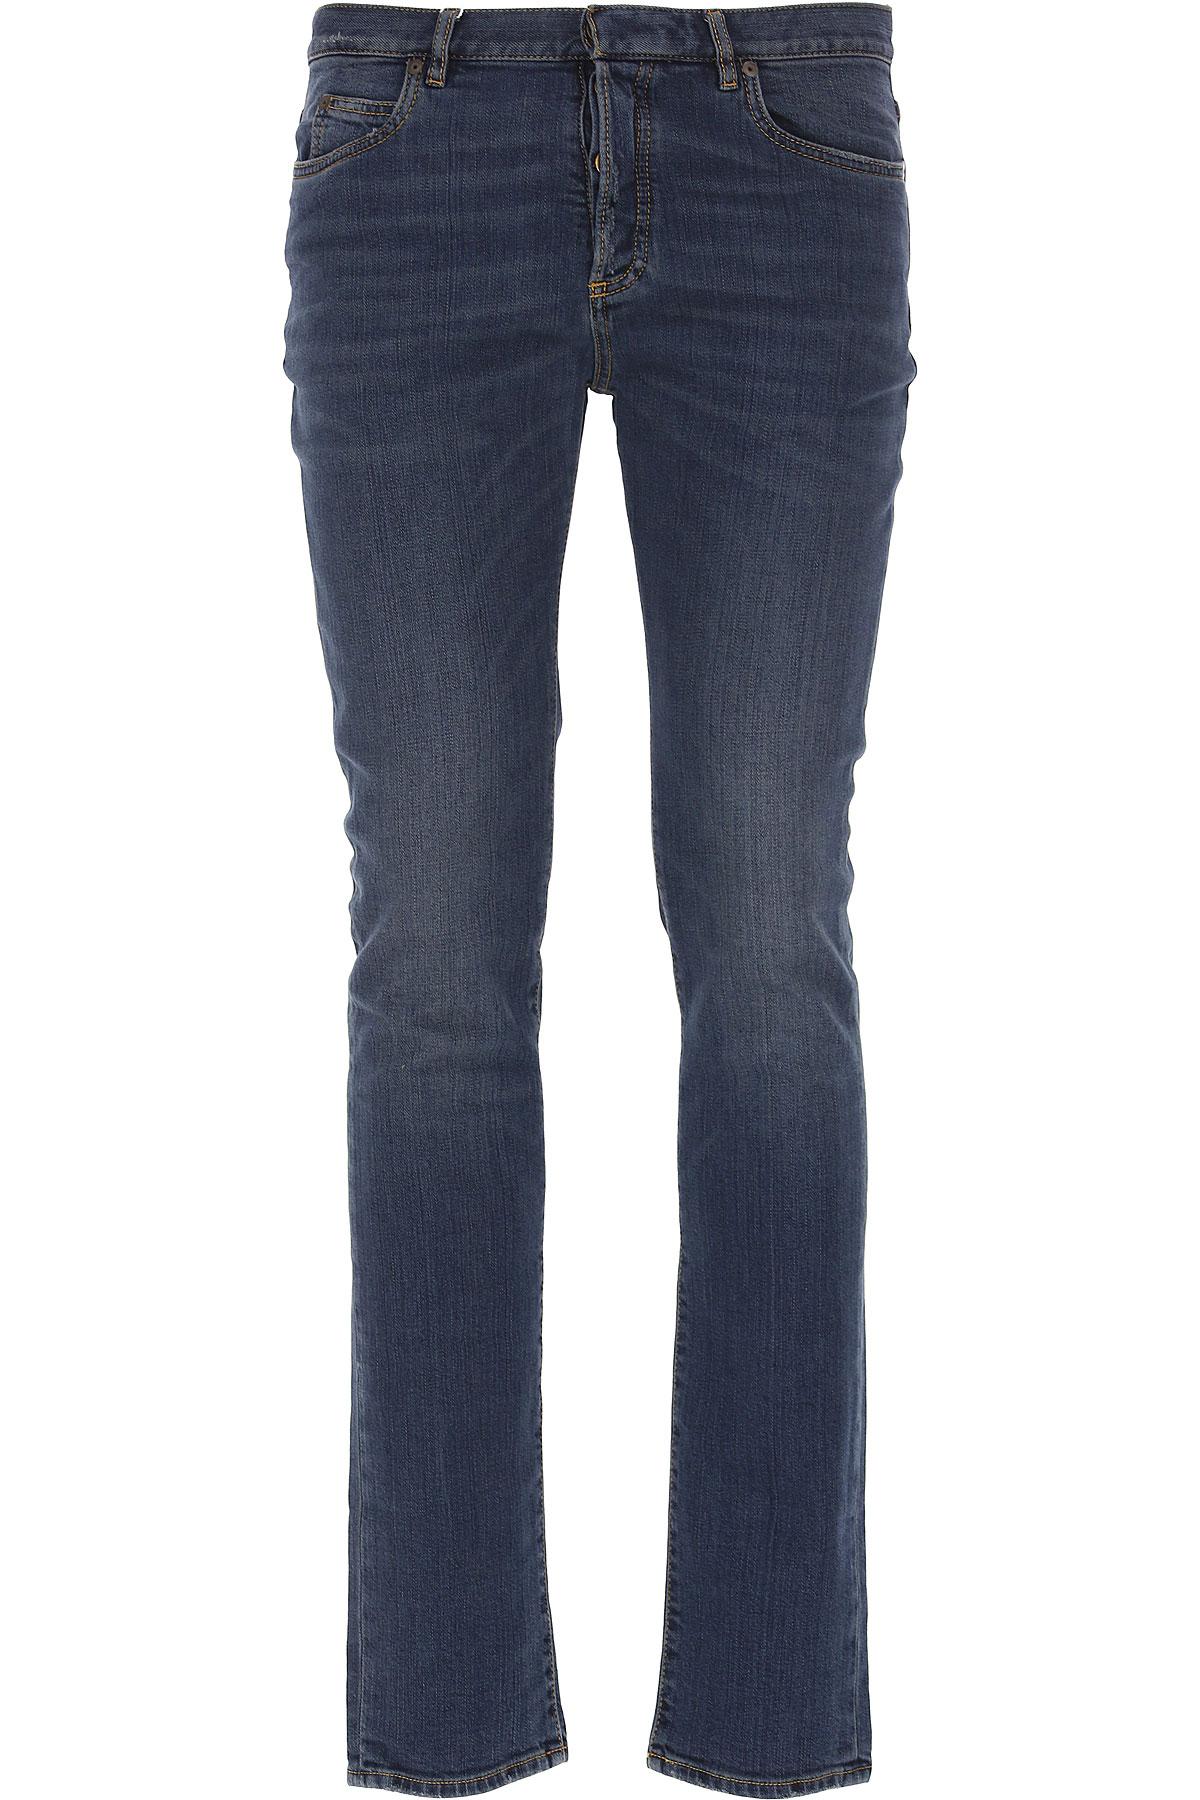 Maison Martin Margiela Jeans On Sale, blue Jeans, Cotton, 2017, 30 33 34 USA-428028